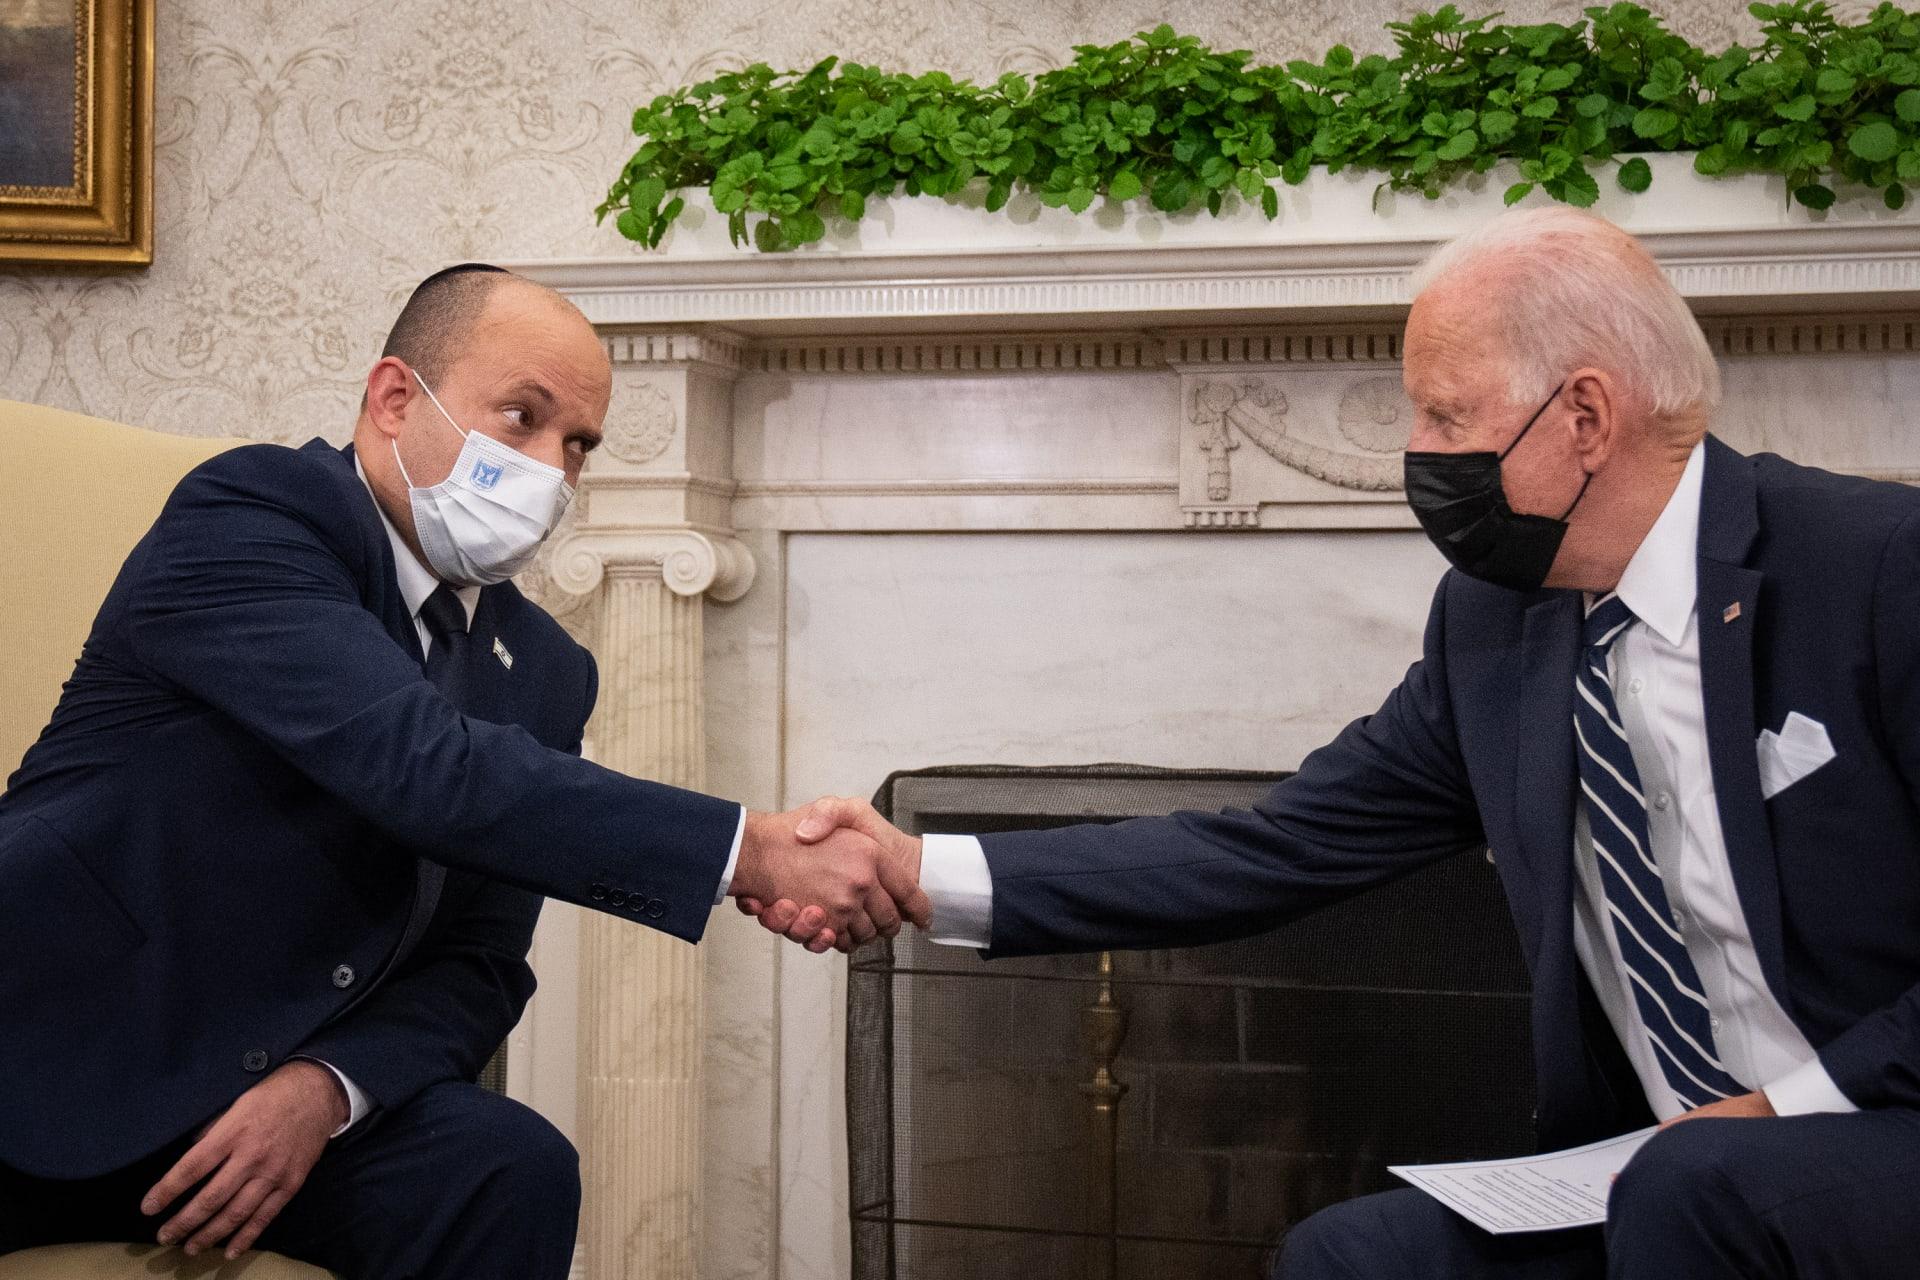 لقاء بايدن وبينيت في البيت الأبيض